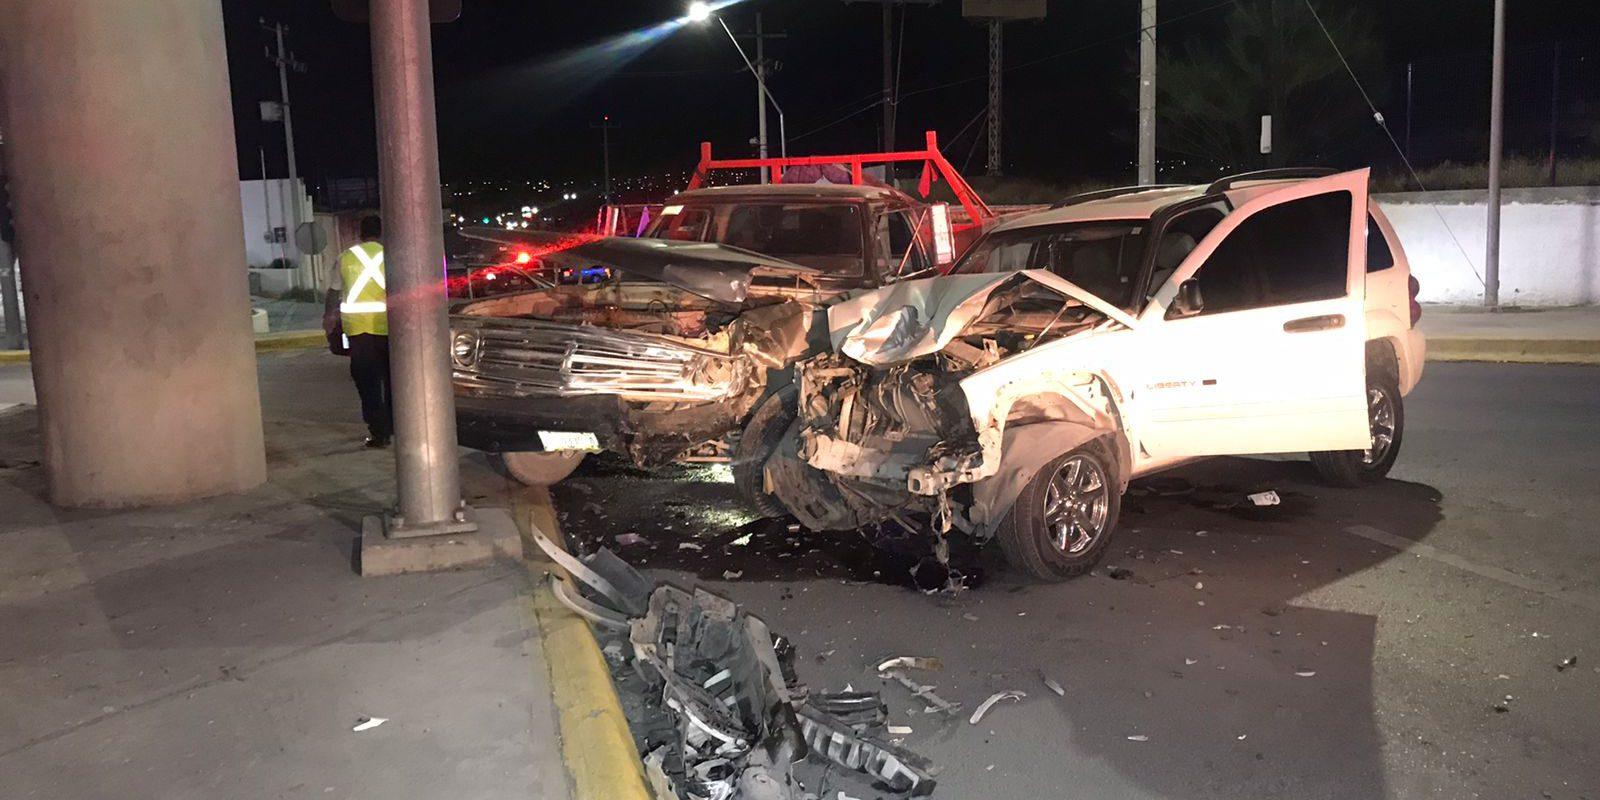 Policiaca: Fuerte encontronazo entre camión y camioneta en bulevar Pape y Zaragoza deja un niño y una mujer lesionados; en Monclova